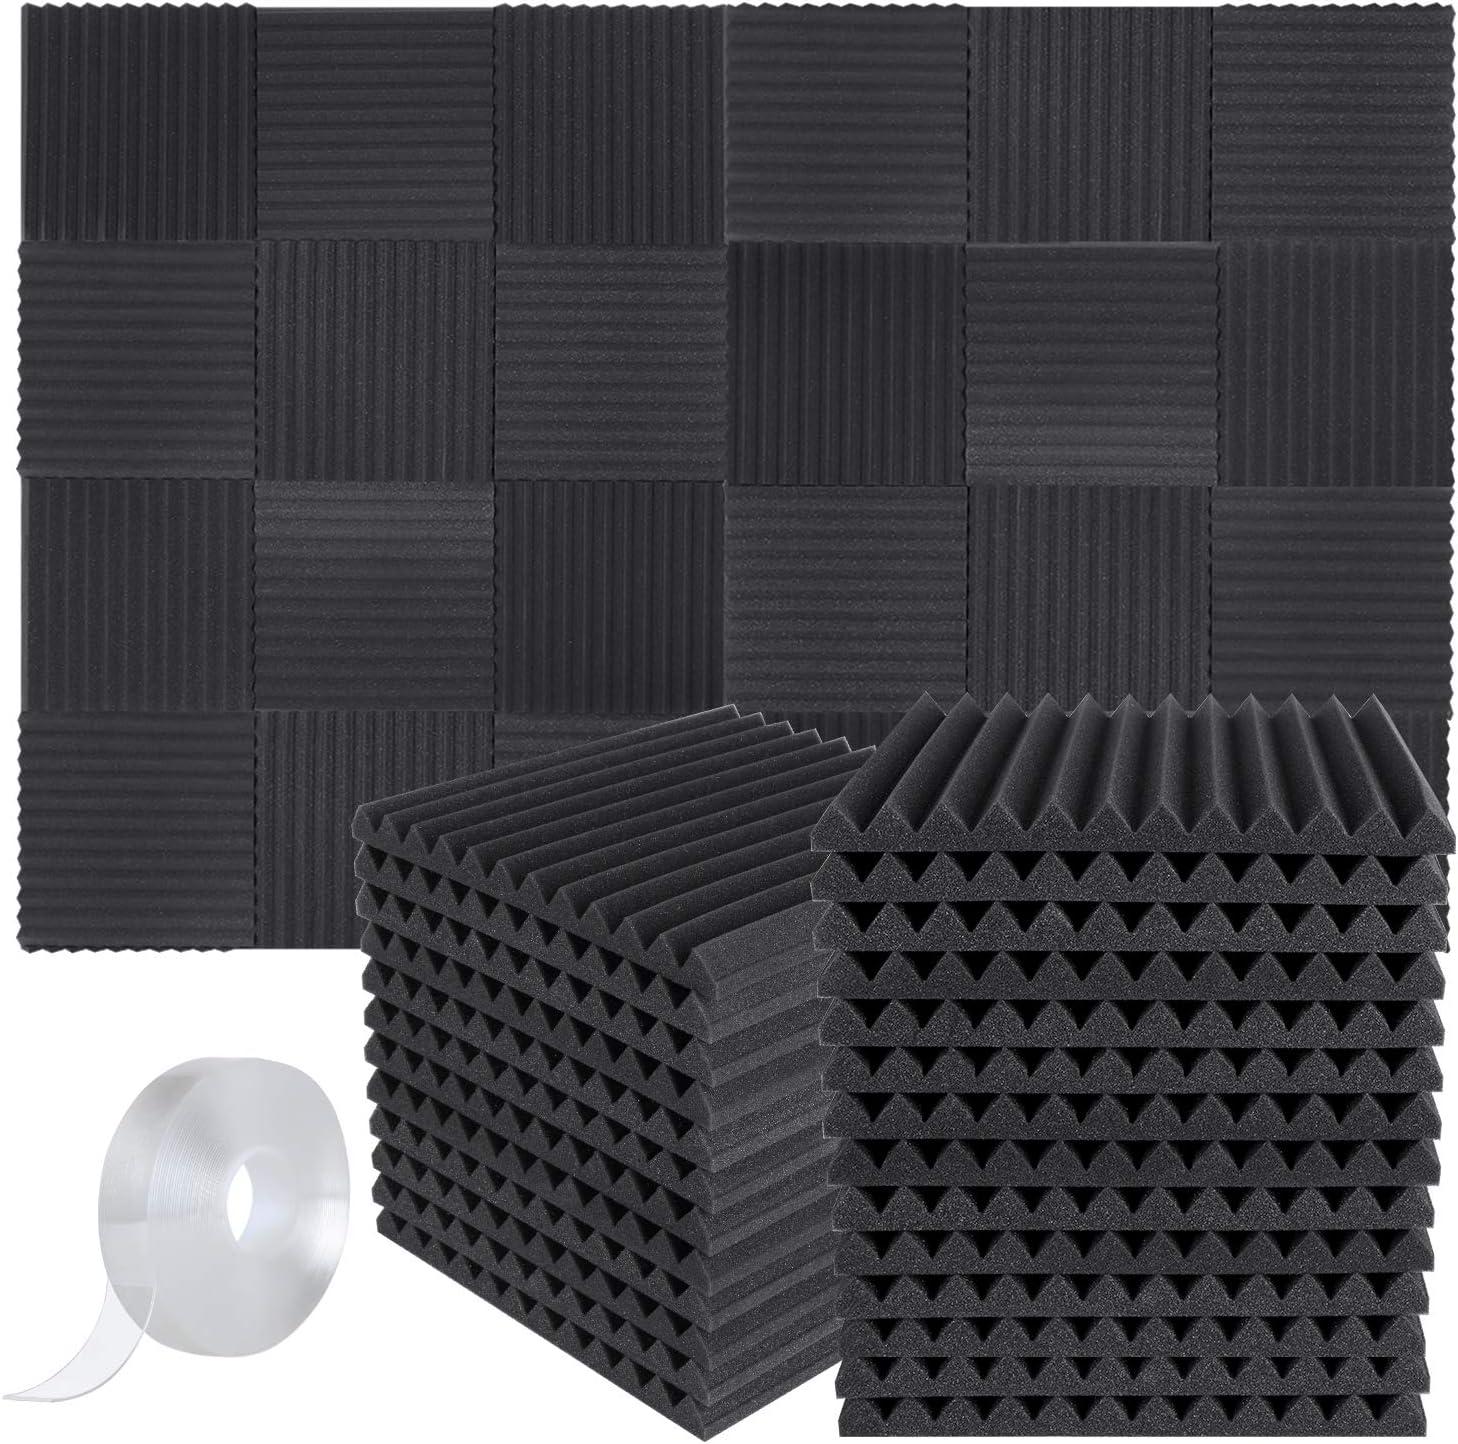 20Pcs Studio Treatment Acoustic Foam Tiles Sound Proofing Wedge Panel 50x50x5cm